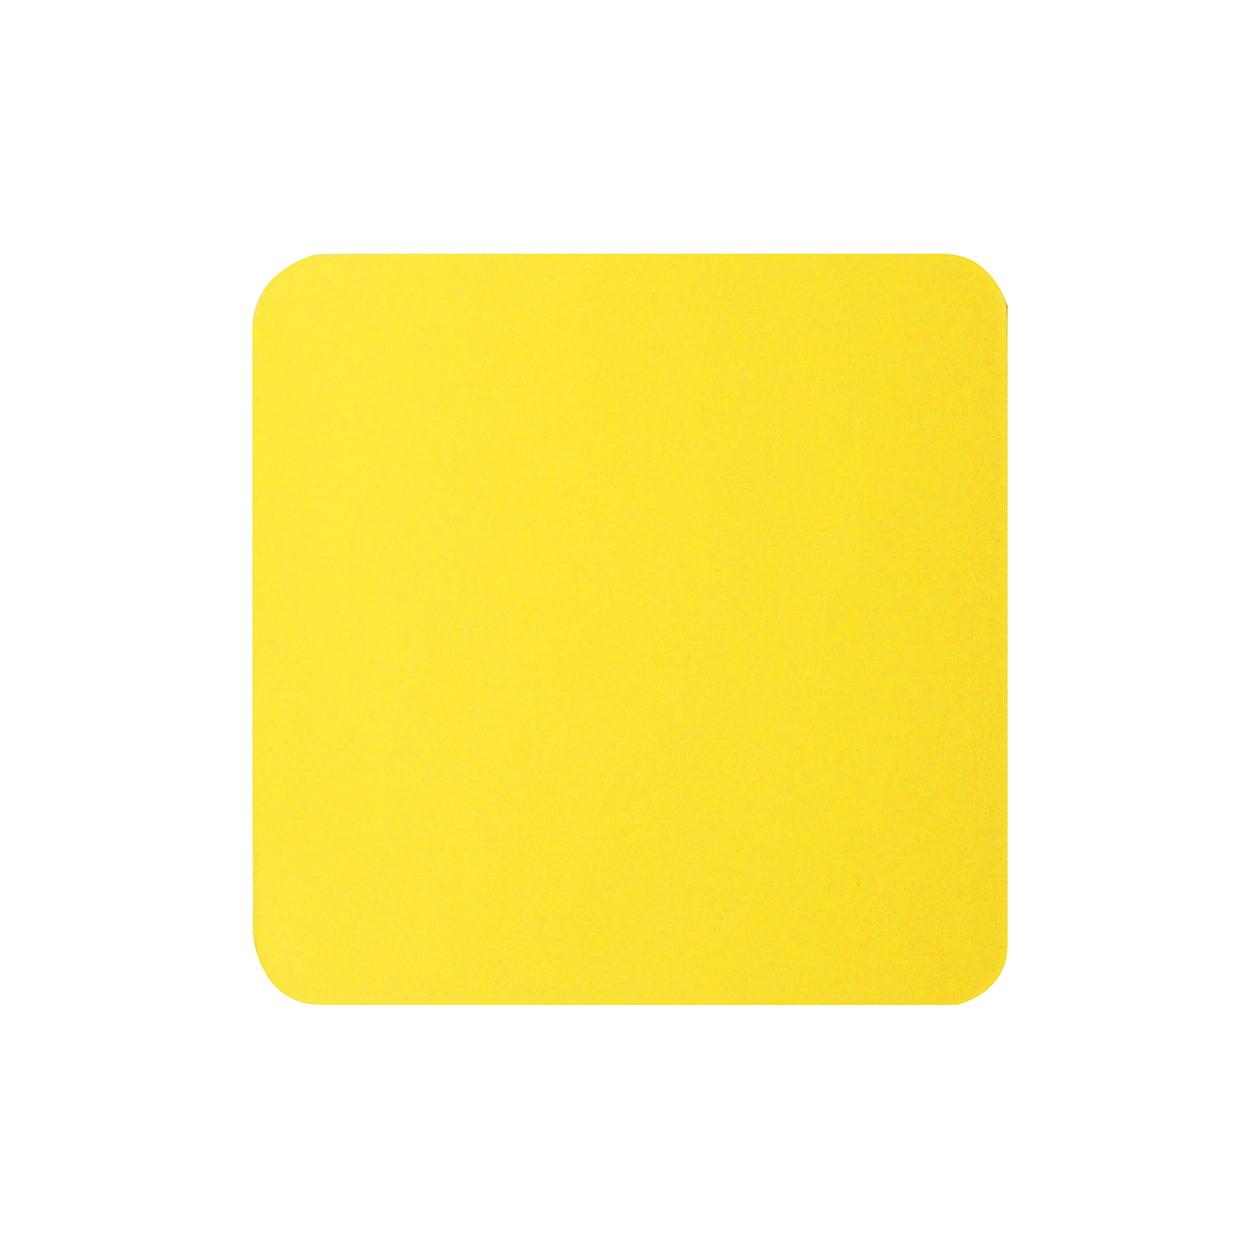 サンプル カード・シート 00116